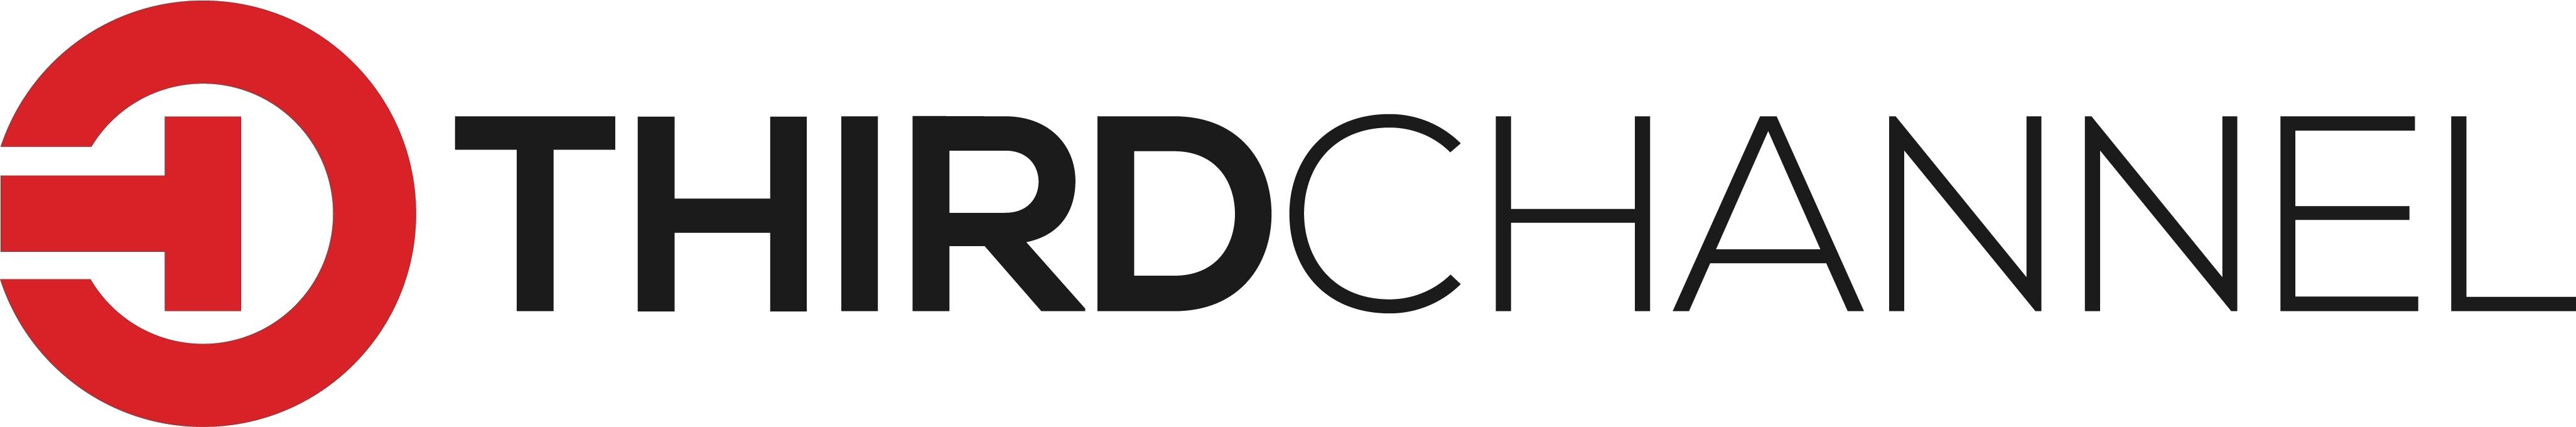 ThirdChannel logo